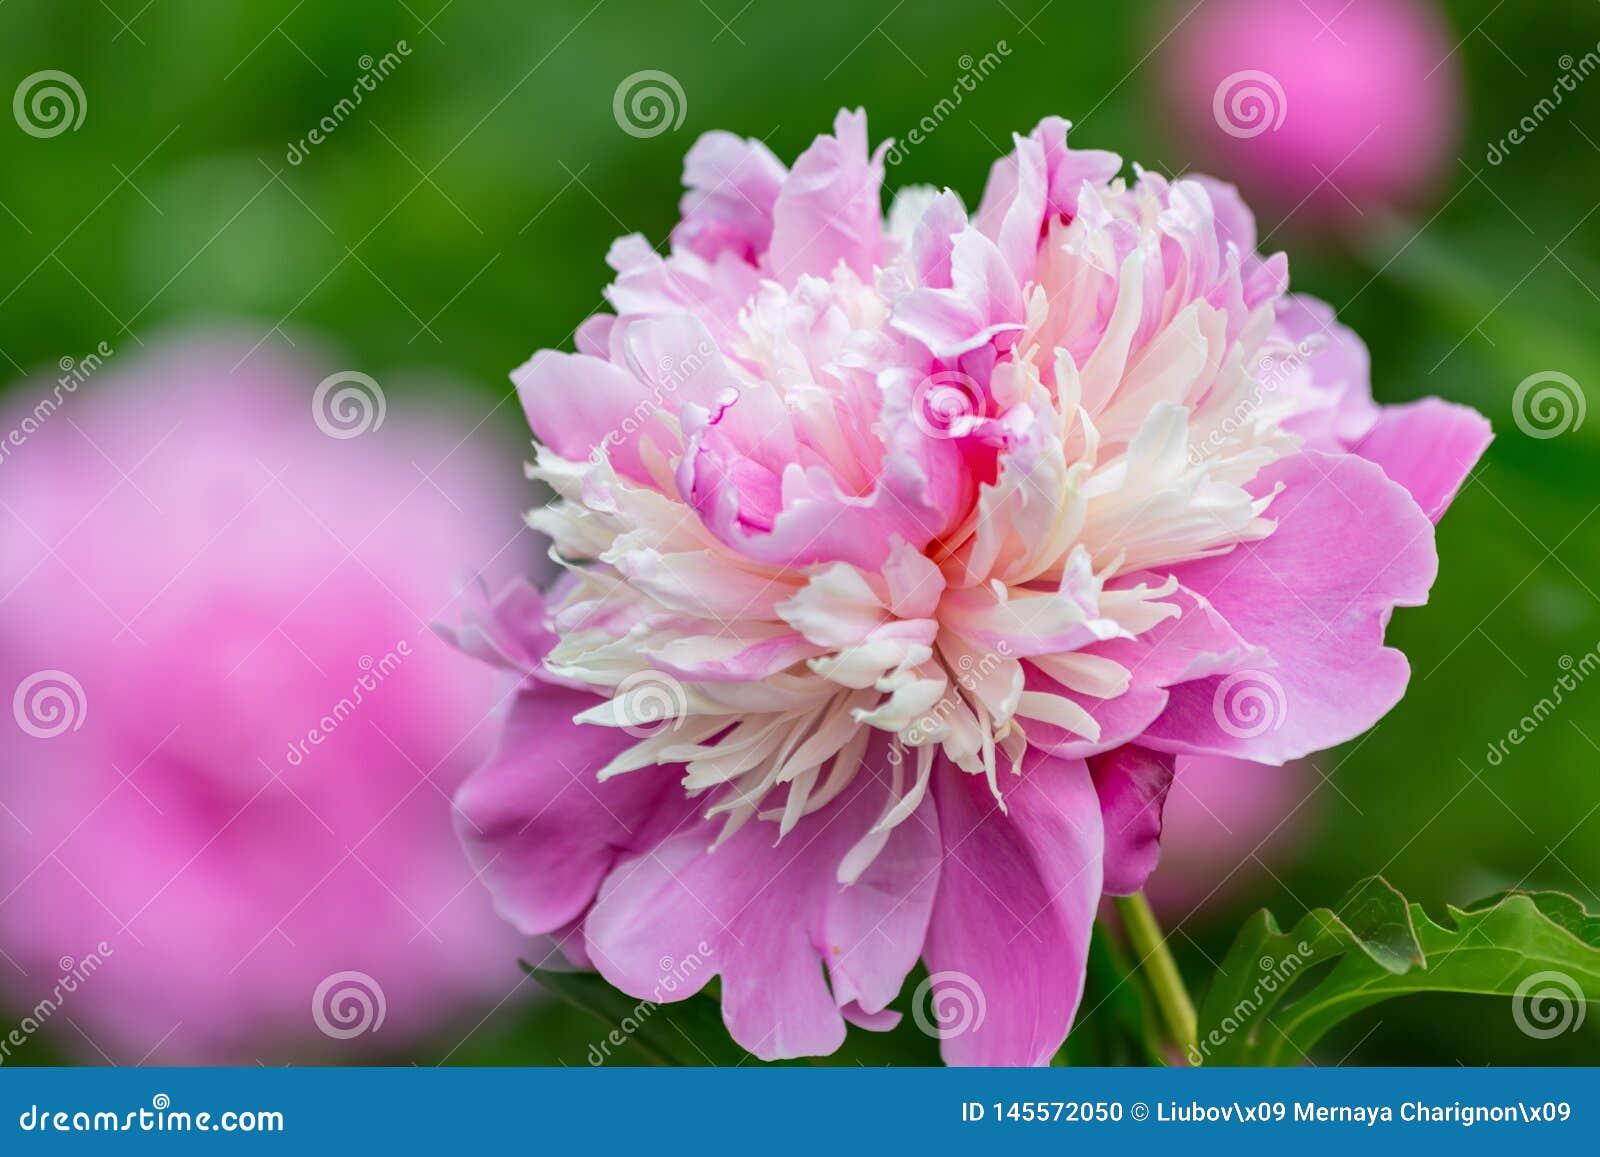 Fiori rosa della peonia in un frutteto